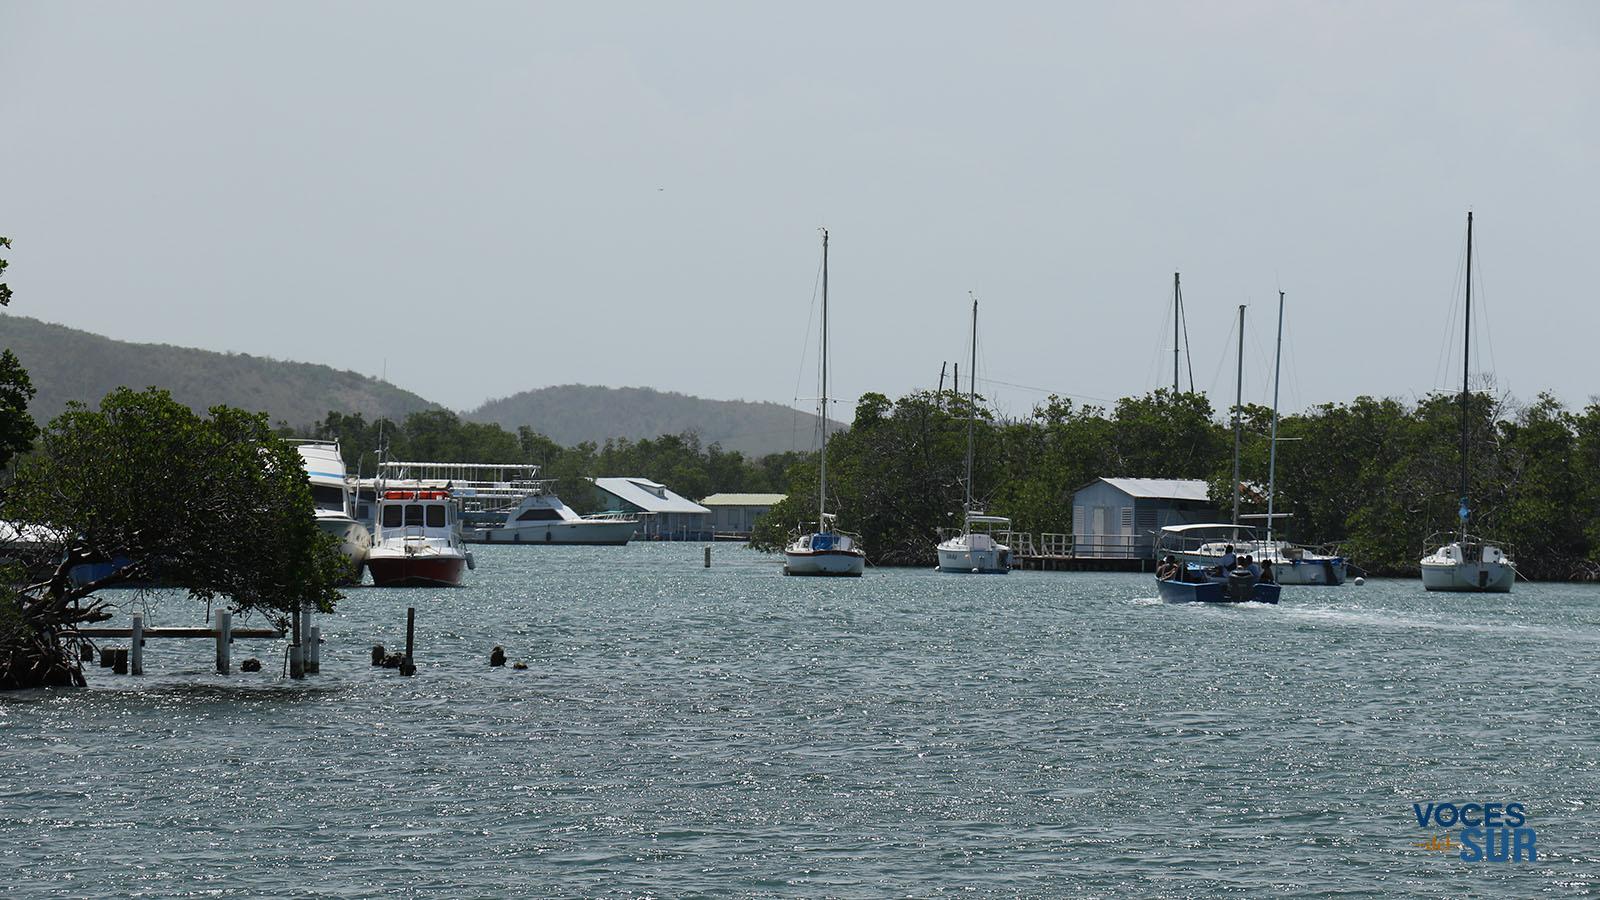 La Reserva Natural La Parguera, en Lajas, es uno de los principales sitios turísticos de Puerto Rico. (Voces del Sur)